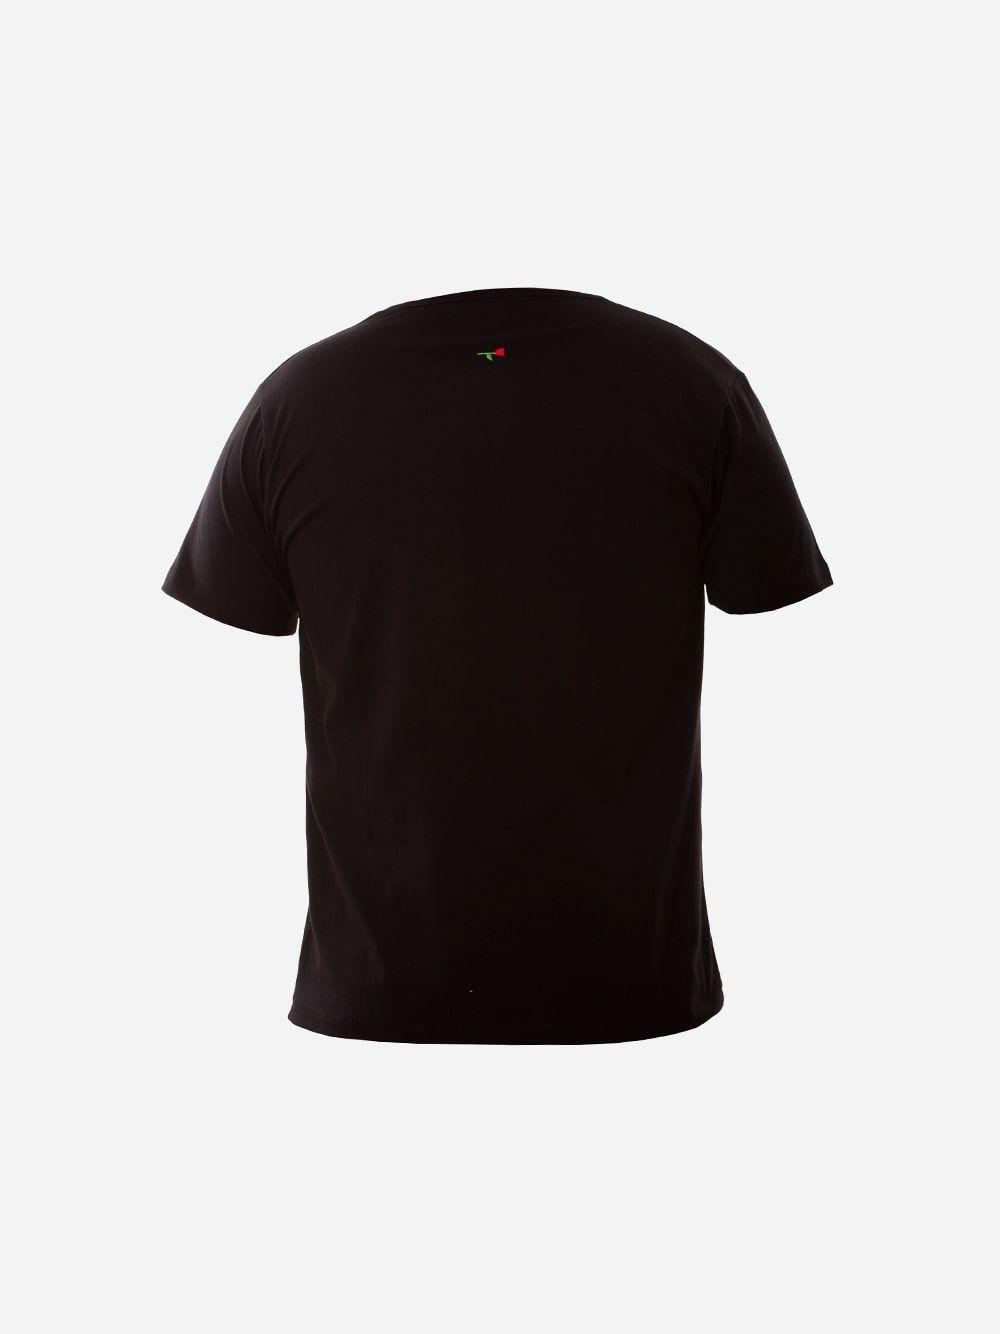 Black T-shirt Roses | Wiino